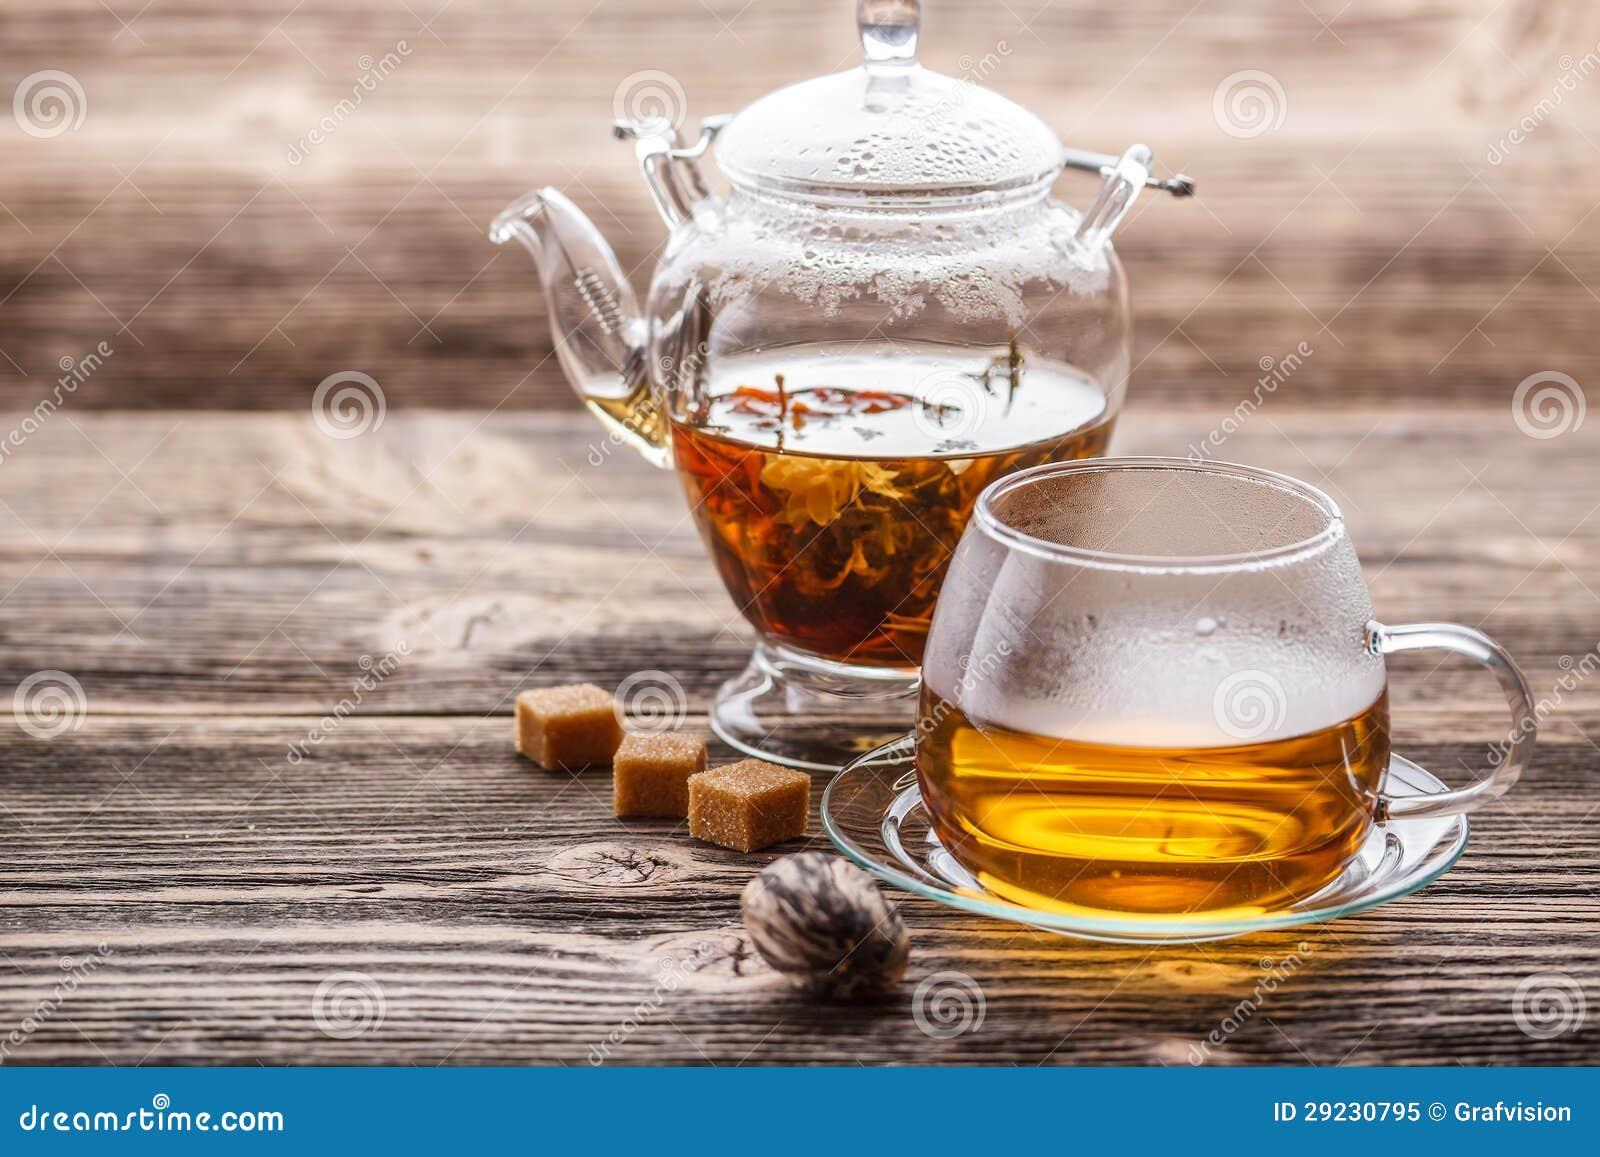 Download Chá de florescência imagem de stock. Imagem de verde - 29230795